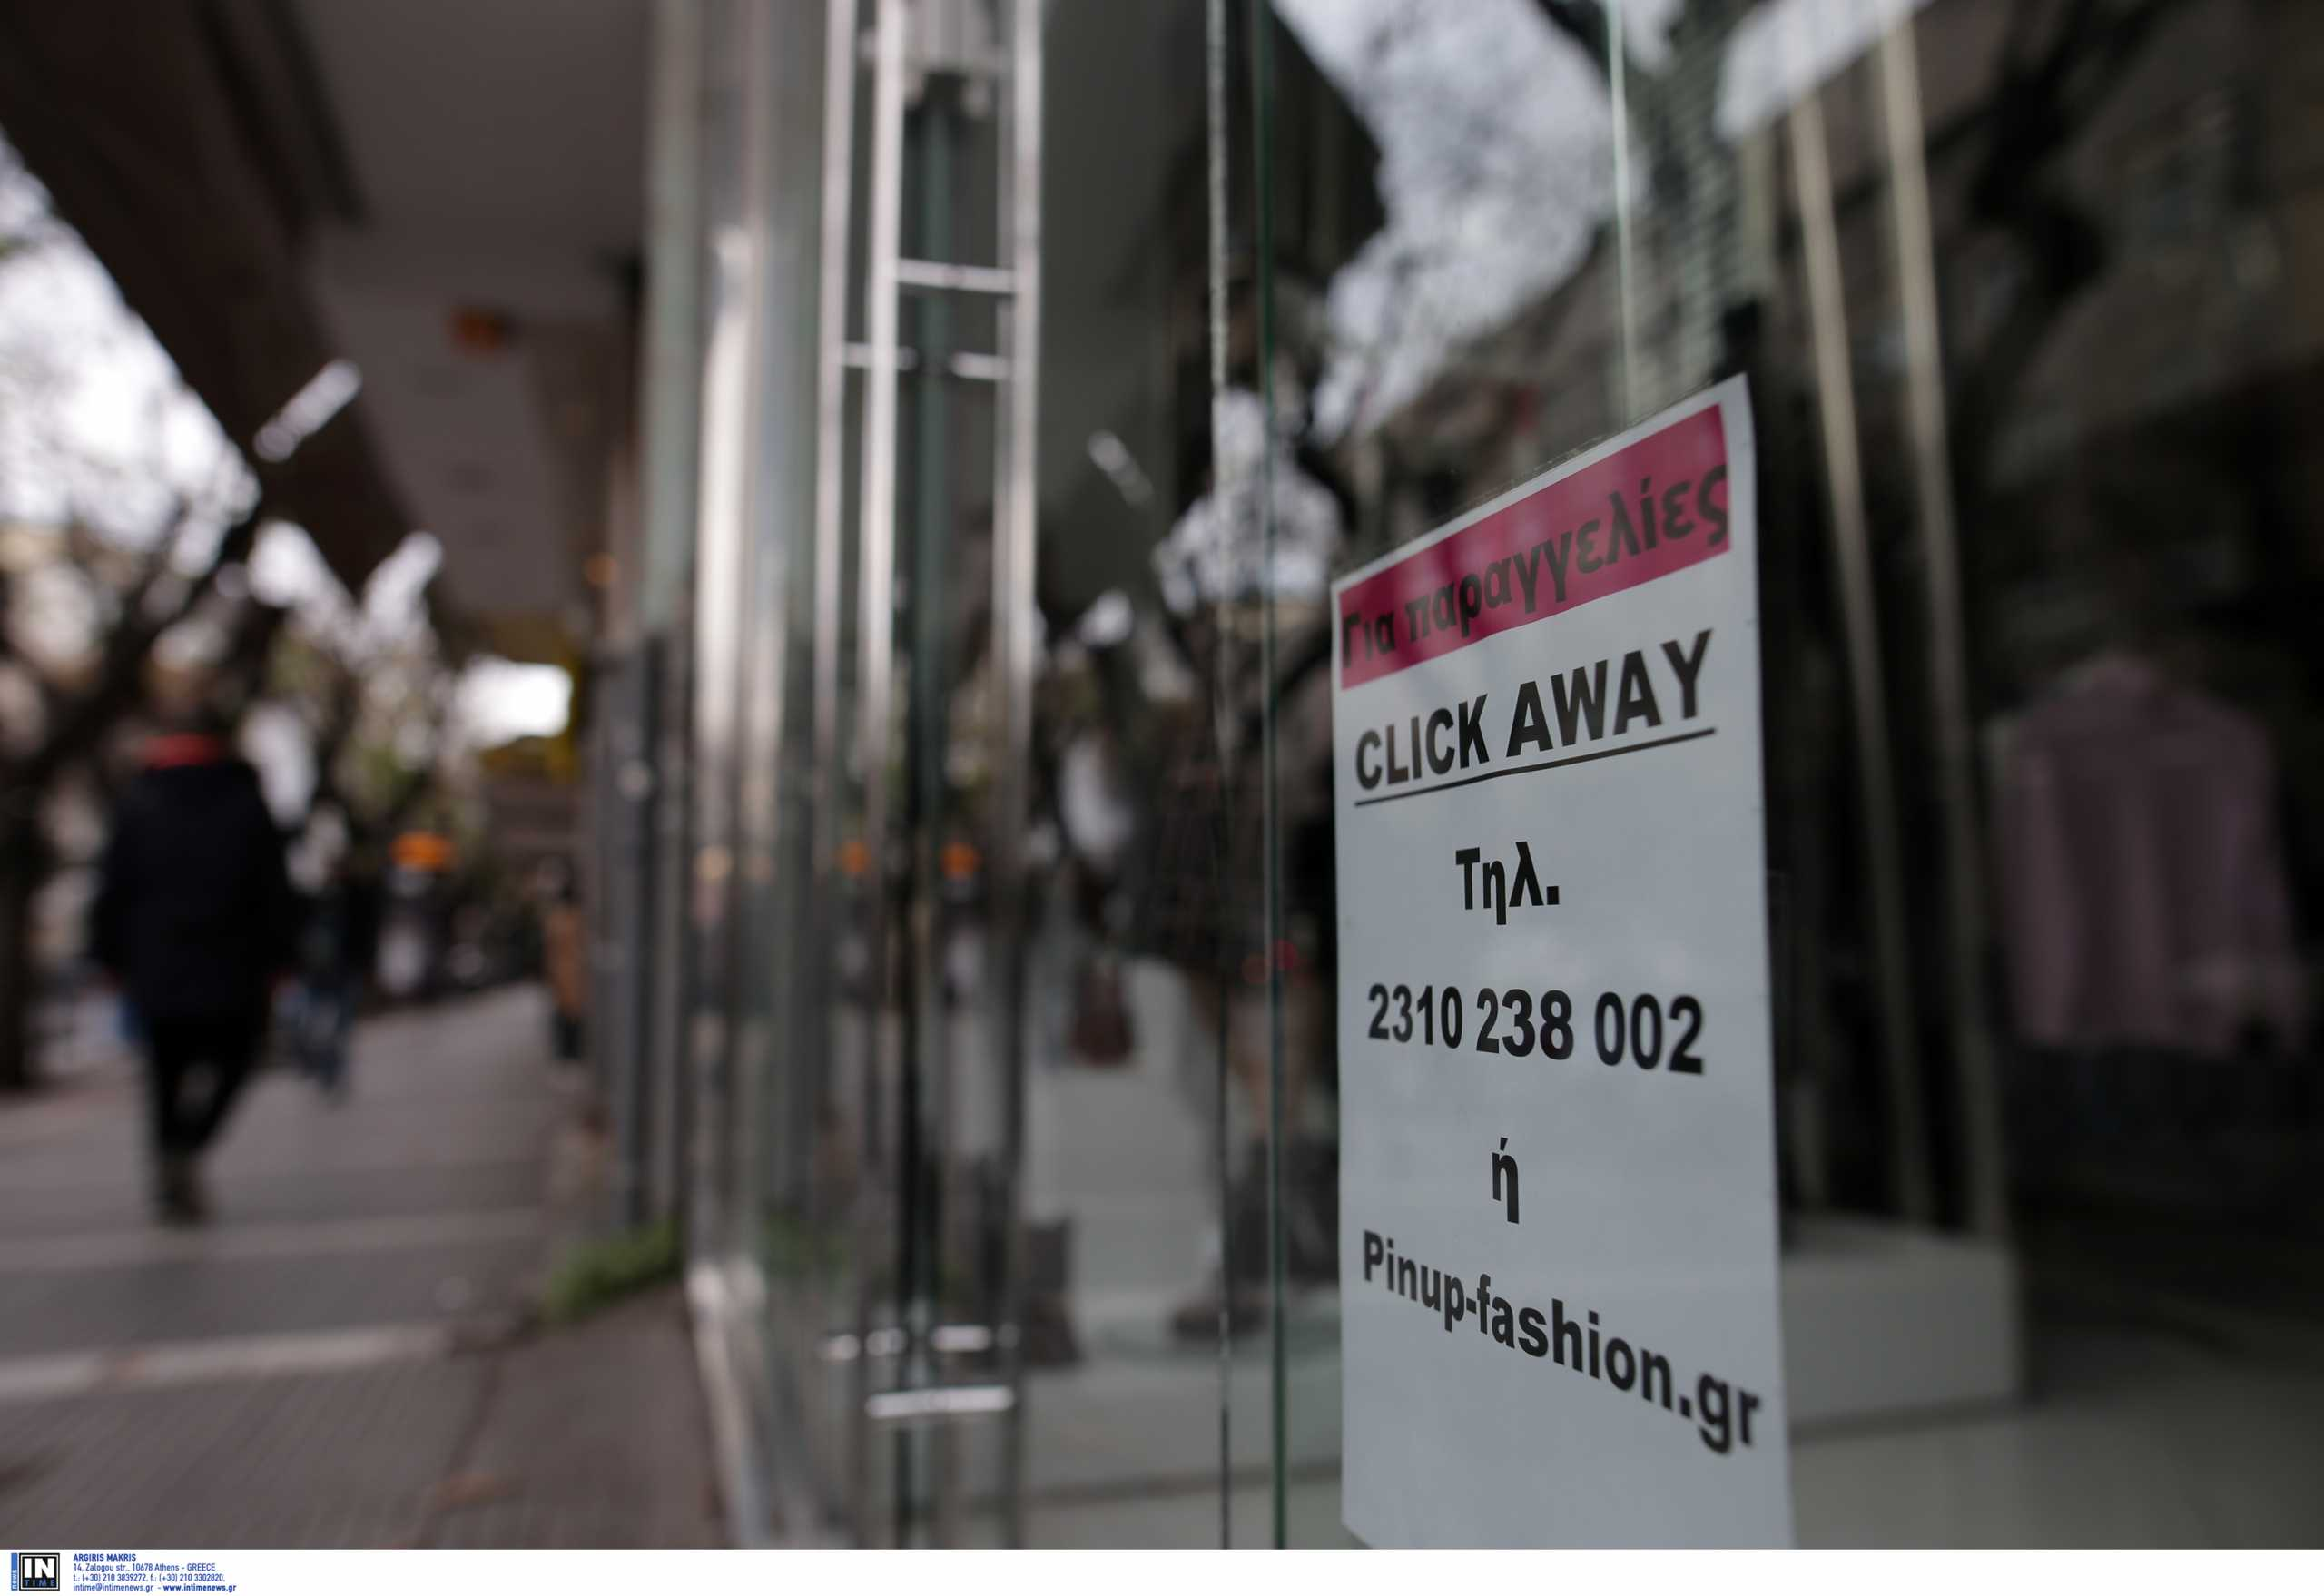 Σταμπουλίδης: Επιστρέφει το click away τη Δευτέρα